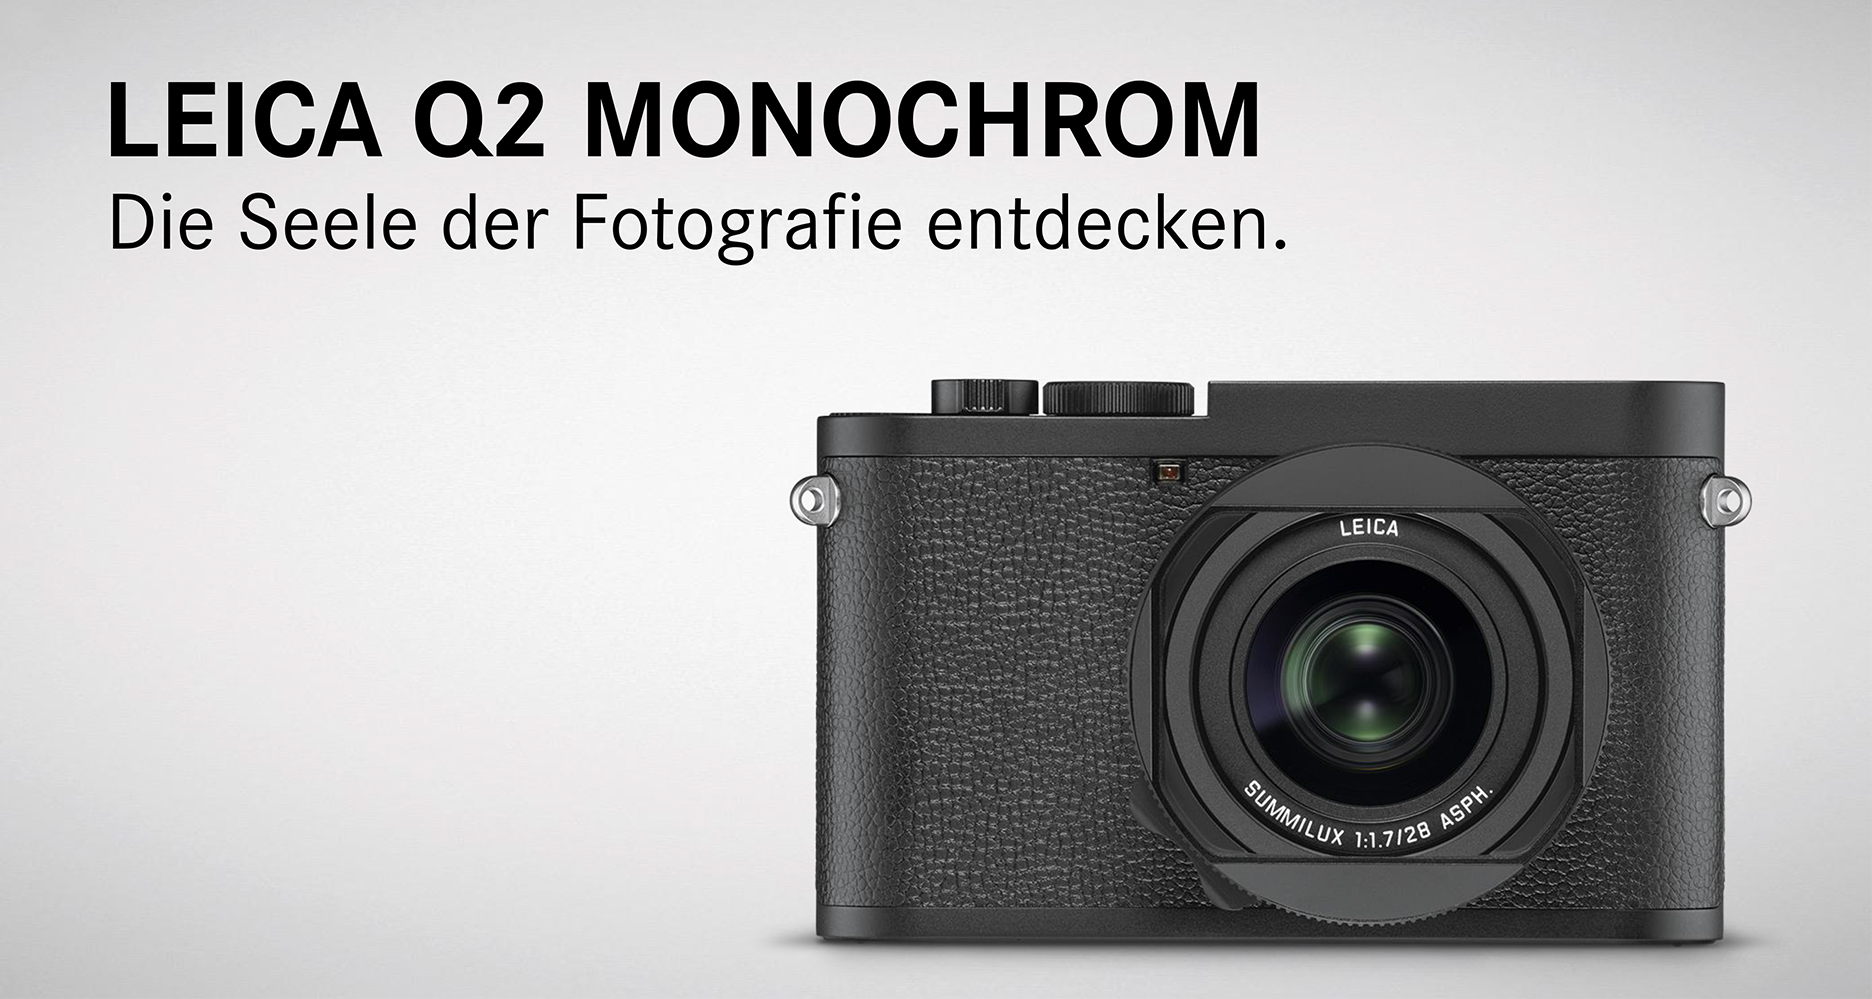 Leica Q2 Monochrom im Leica Store Konstanz am Lager vorrätig!